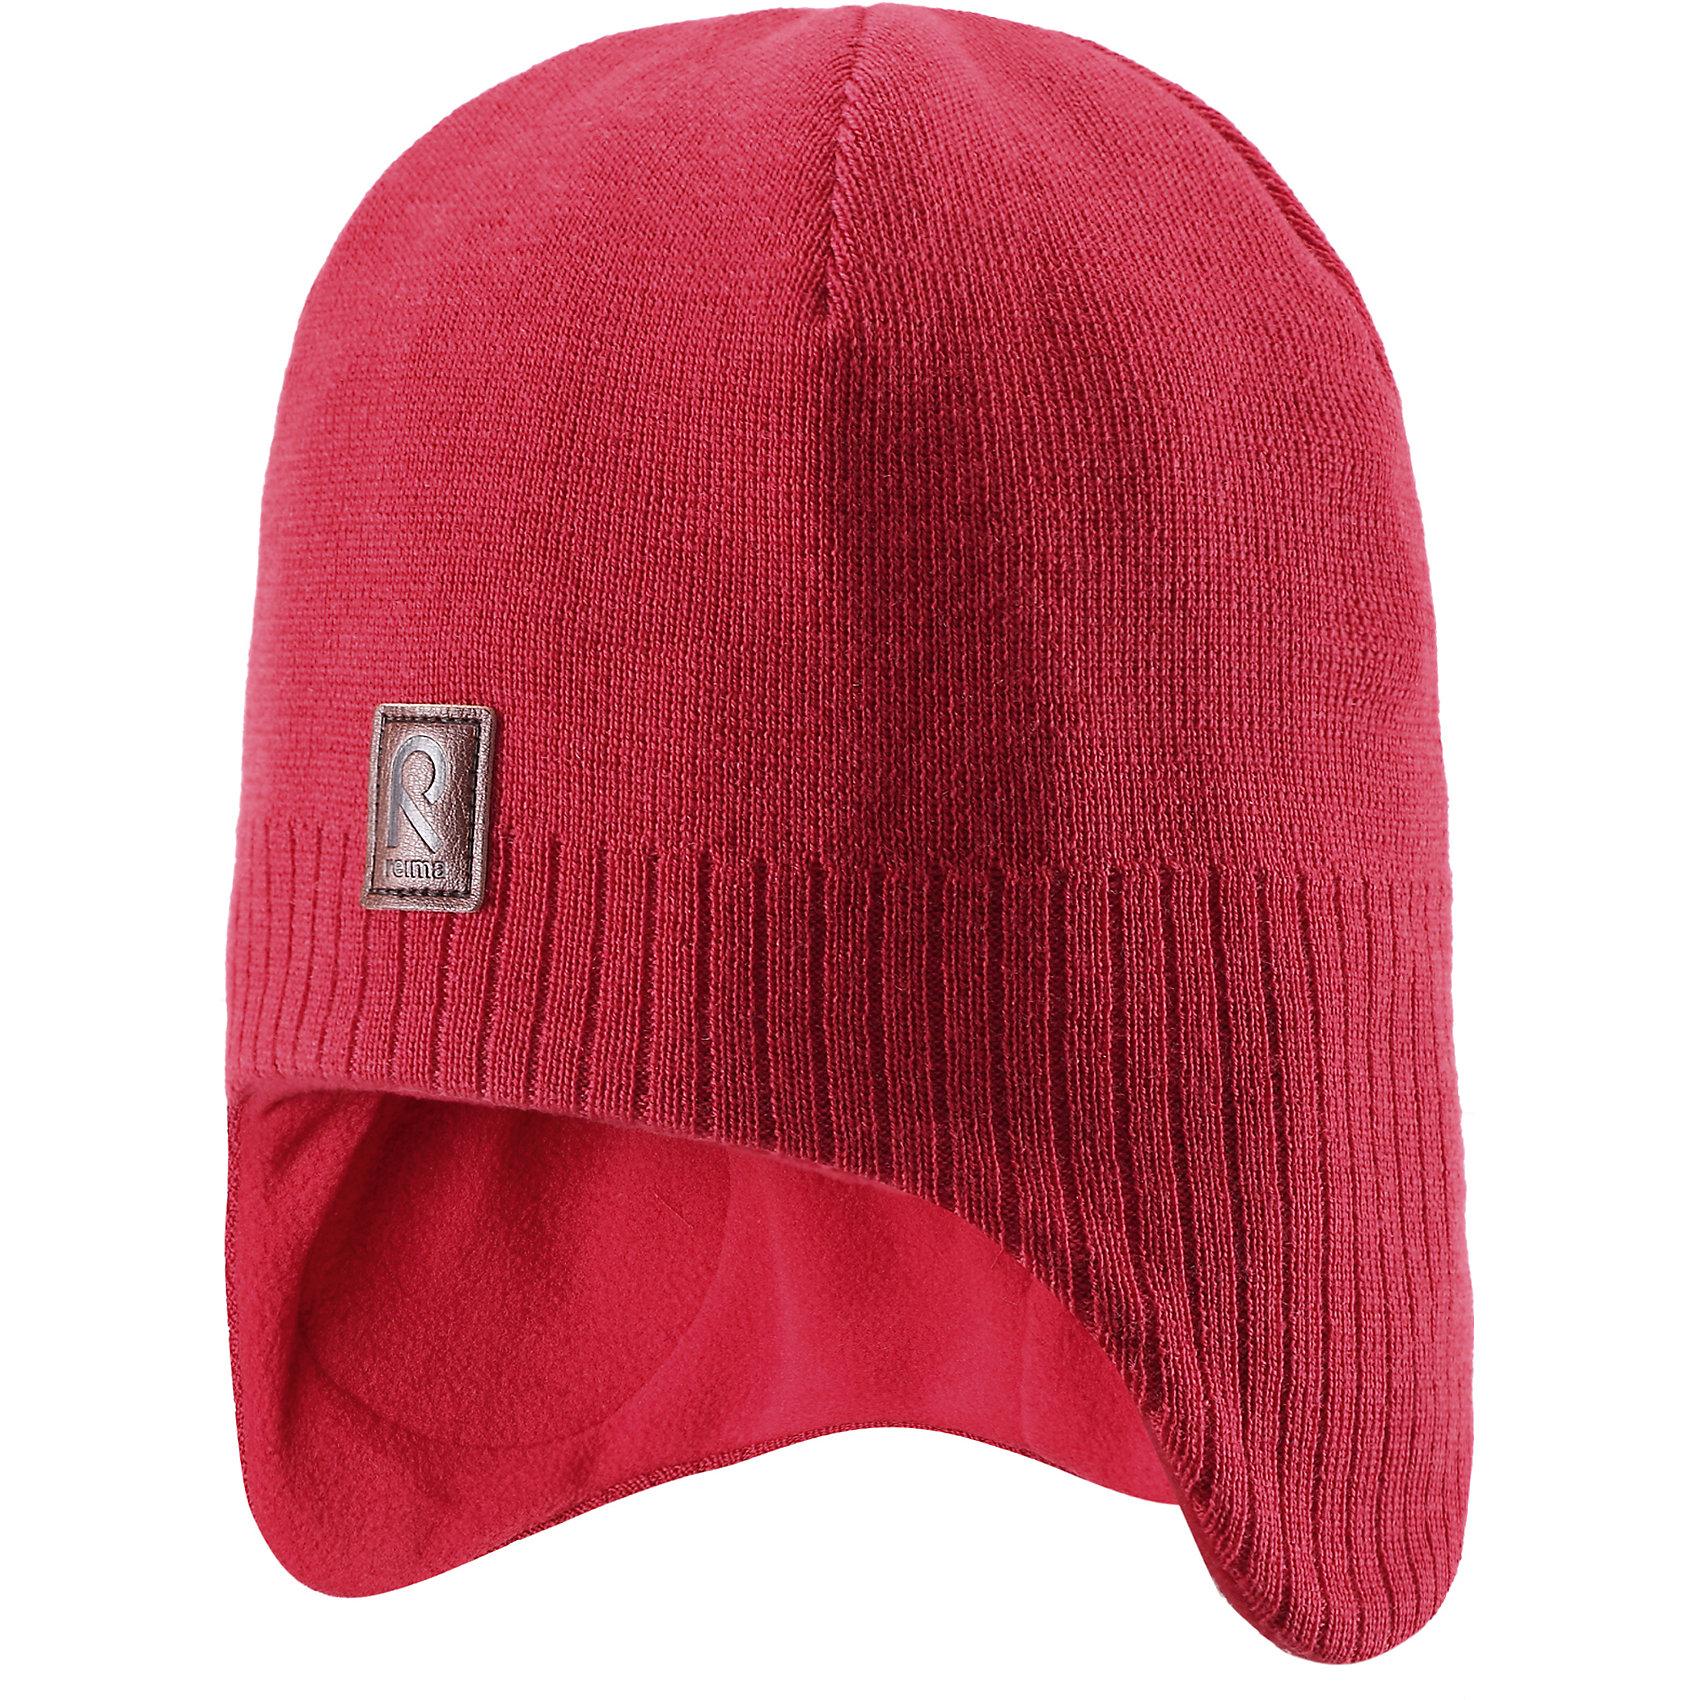 Шапка ReimaЭта симпатичная шерстяная детская шапка - прекрасная защита! Весёлая модель, плотно облегает и прикрывает ушки и лоб. Эта стильная шапка из 100% шерсти на теплой подкладке из флиса очень приятна для кожи. Подкладка из флиса идеально подходит для активных зимних прогулок благодаря тому, что она тёплая, быстро сохнет и прекрасно выводит влагу. Ветронепроницаемые вставки в области ушей между материалом верха и подкладкой защищают маленькие ушки от холодного ветра. Классический стиль легко сочетается с разной одеждой. Выберите свой любимый цвет из элегантных однотонных или полосатых моделей!<br><br>Шерстяная шапка для малышей <br>Полностью на подкладке: Мягкий тёплый флис<br>Ветронепроницаемые вставки в области ушей <br>Доступна в однотонном и полосатом вариантах<br>Состав:<br>100% Шерсть<br><br><br>Шапку Reima (Рейма) можно купить в нашем магазине.<br><br>Ширина мм: 89<br>Глубина мм: 117<br>Высота мм: 44<br>Вес г: 155<br>Цвет: красный<br>Возраст от месяцев: 24<br>Возраст до месяцев: 36<br>Пол: Унисекс<br>Возраст: Детский<br>Размер: 50,54,52,56<br>SKU: 4210263